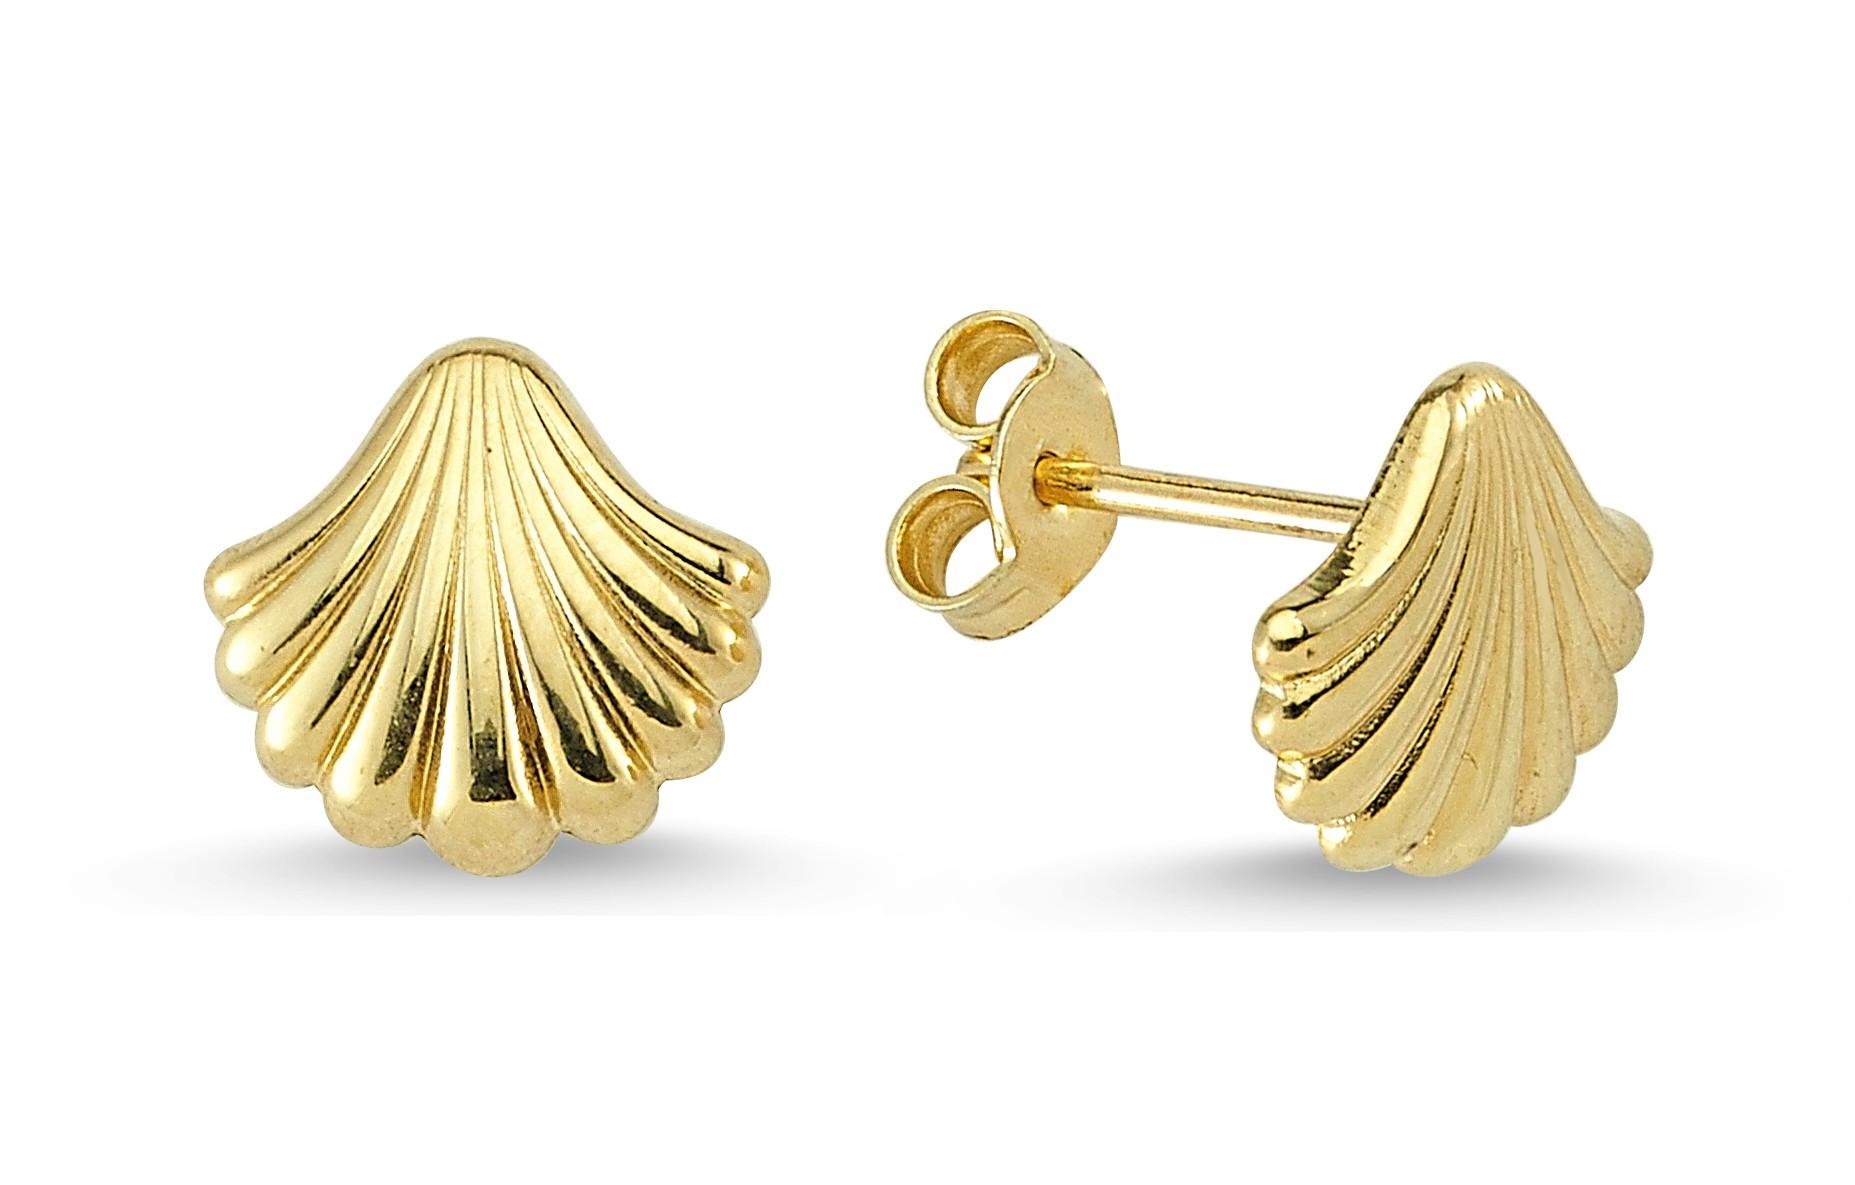 585 Kocak Gold Ohrring  | Muschel